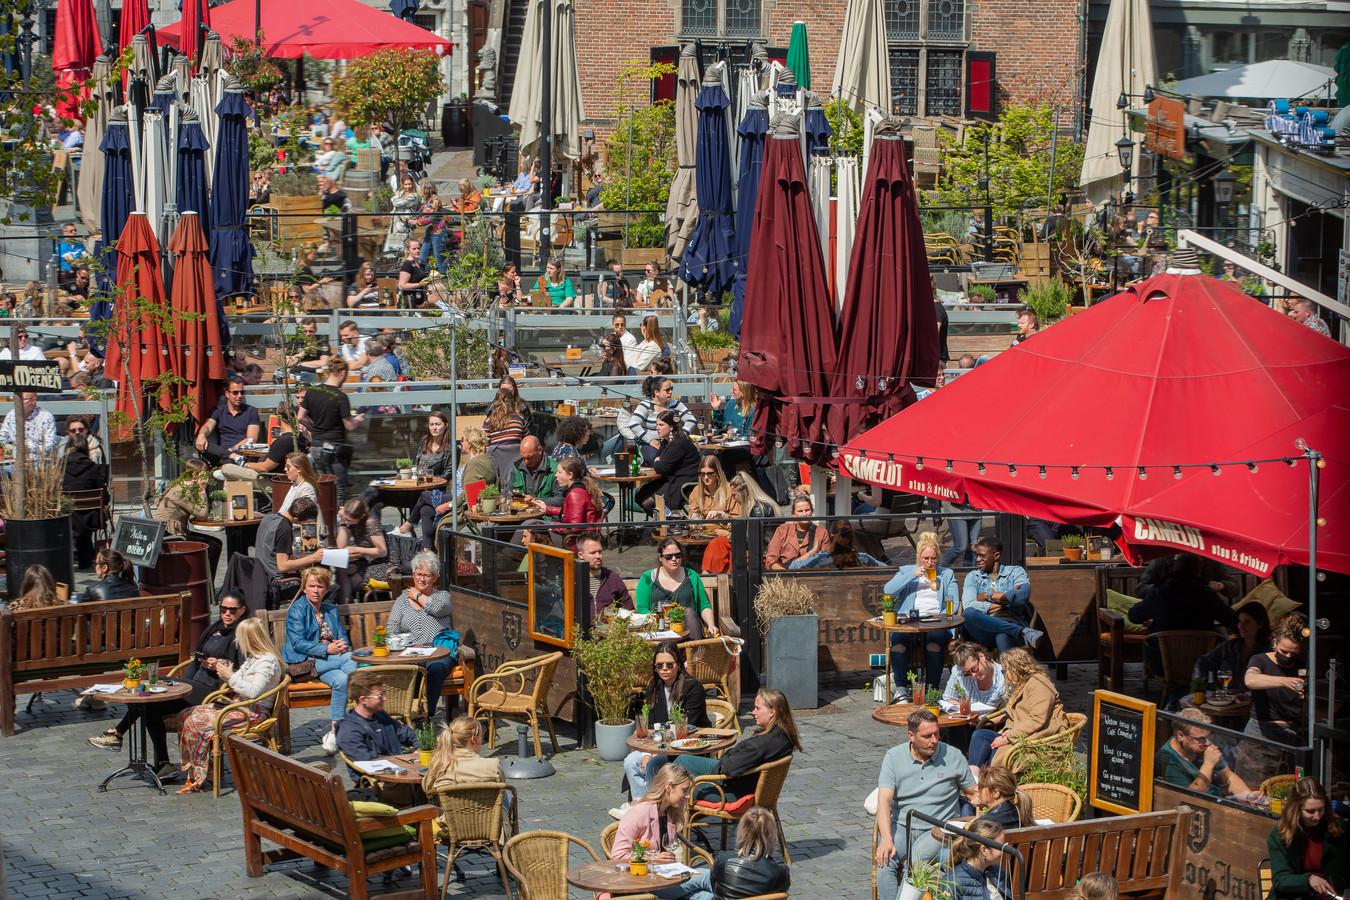 Drukte op het terras op de Grote Markt in Nijmegen, archieffoto van 28 april 2021.